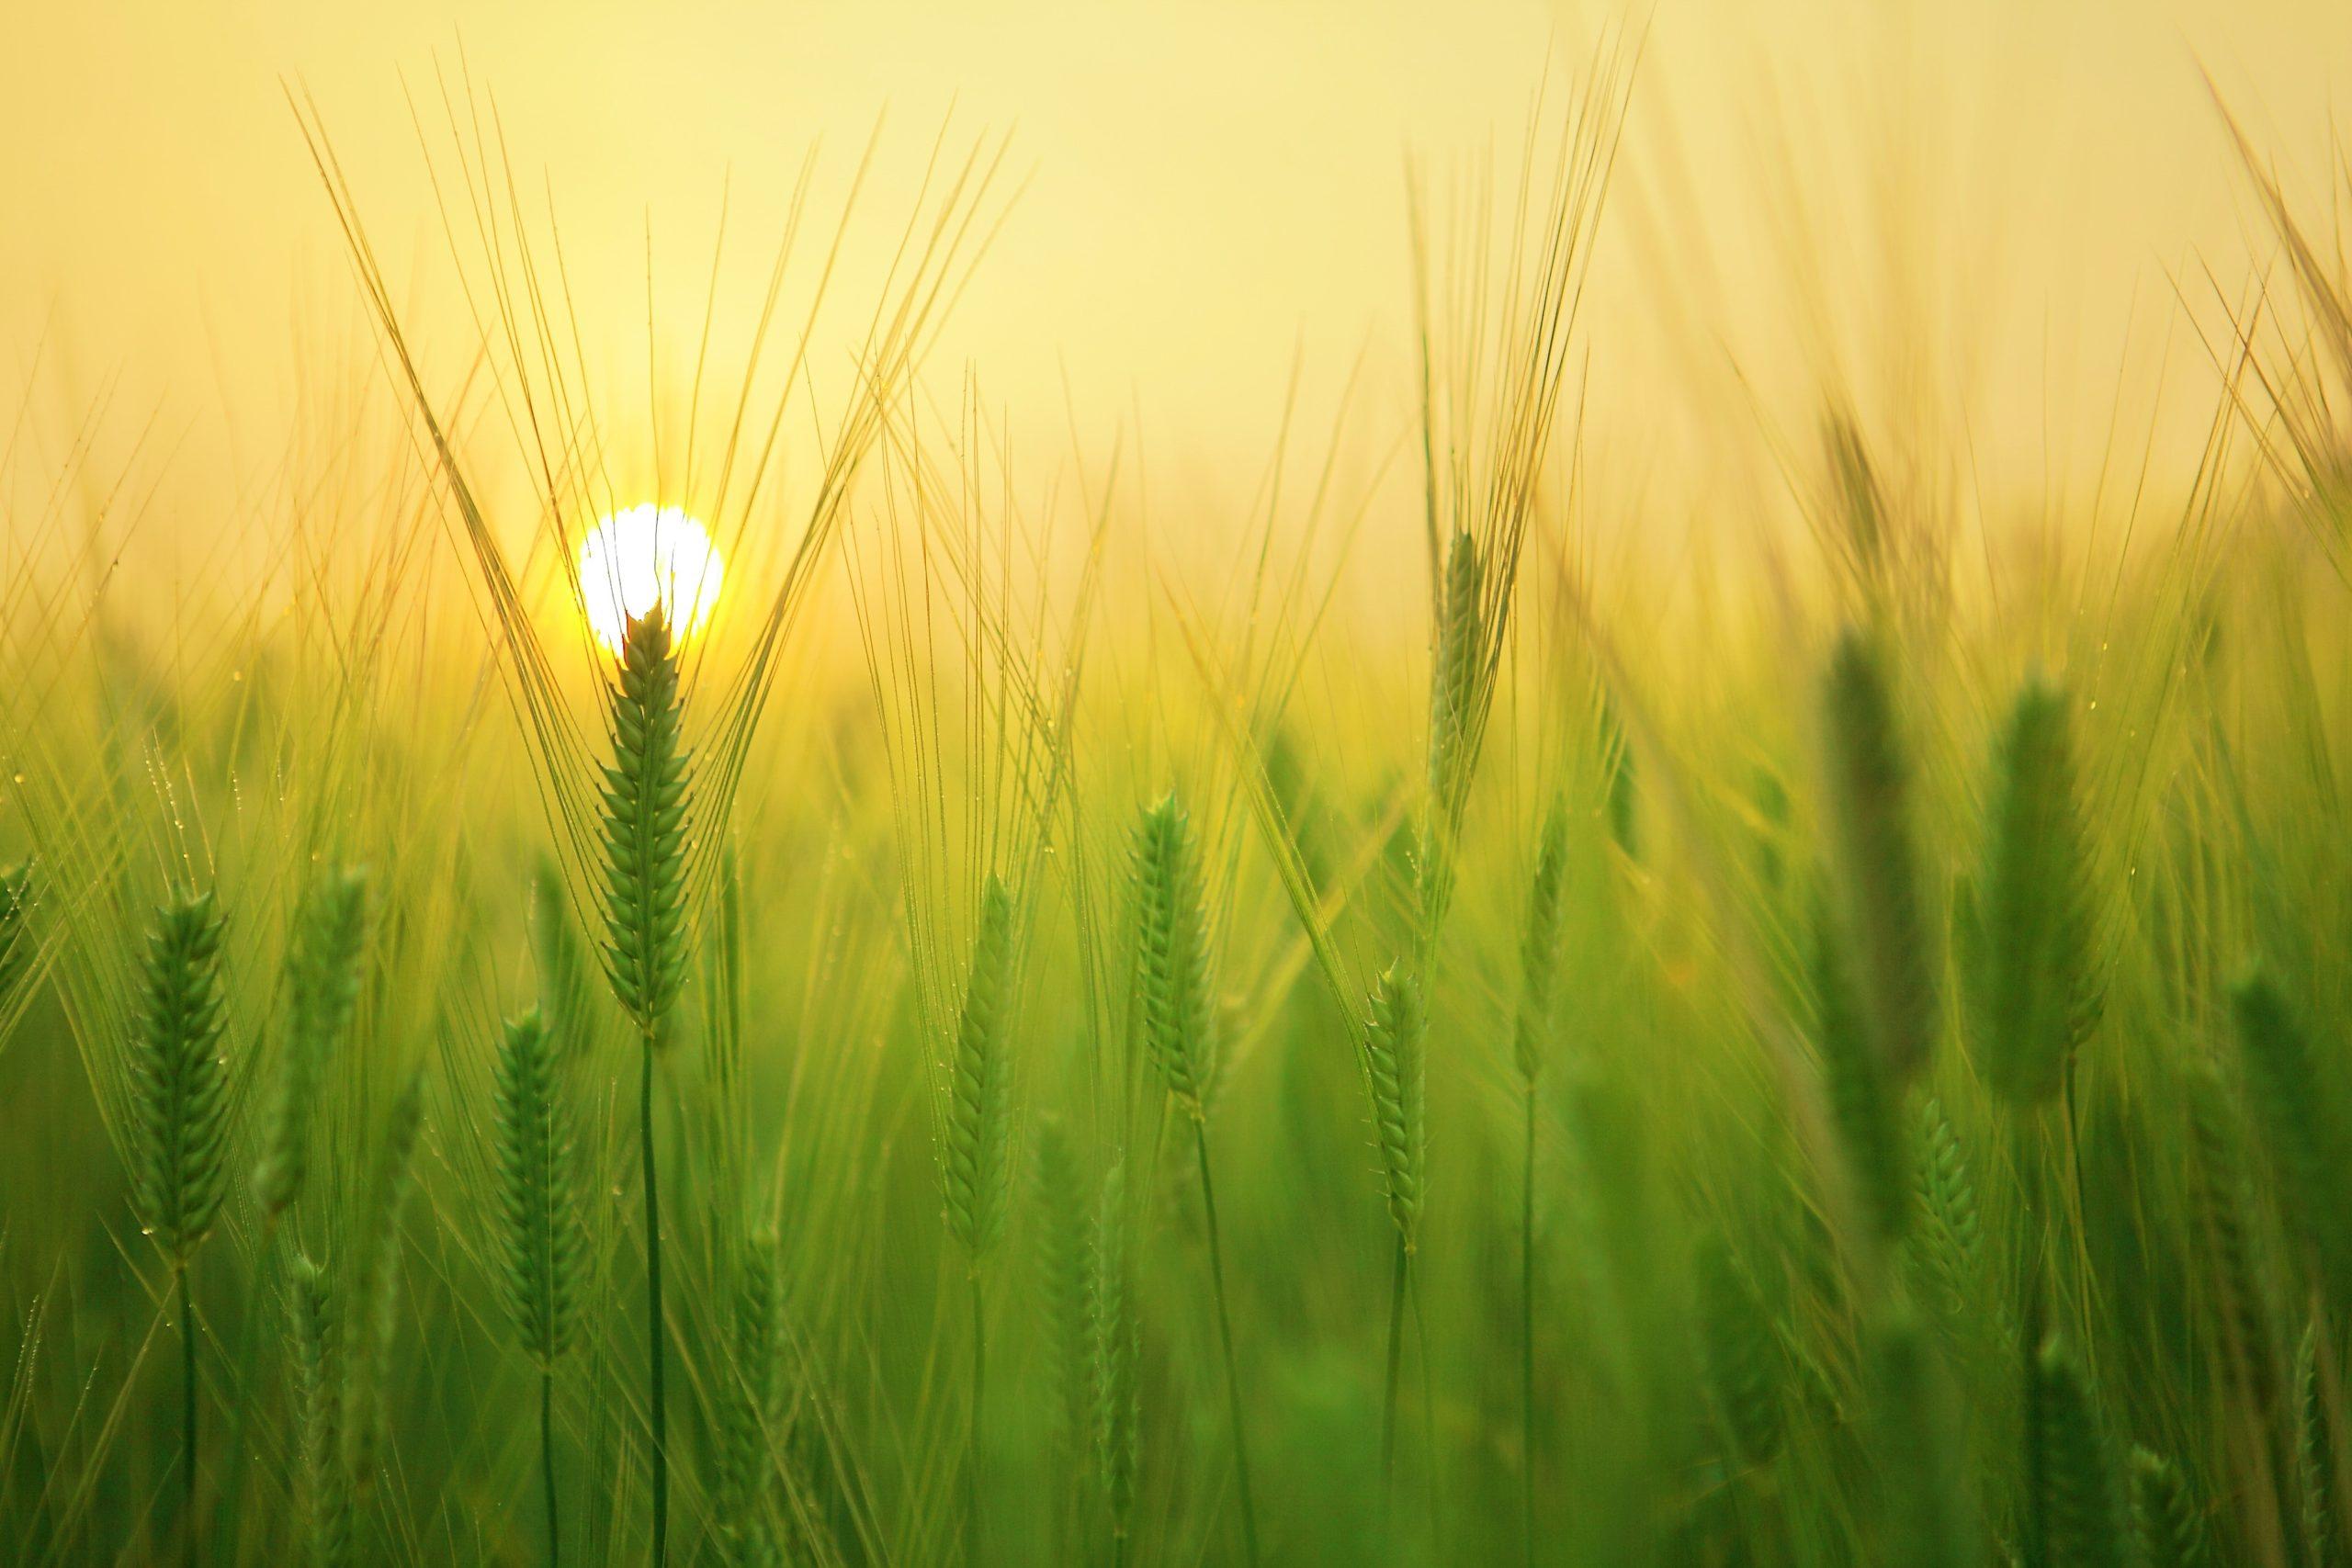 Ernteprozesse optimieren – die Rechnungslegung als zentrales Kontrollinstrument für die Bewegung des Getreides vom Feld bis zum Abnehmer